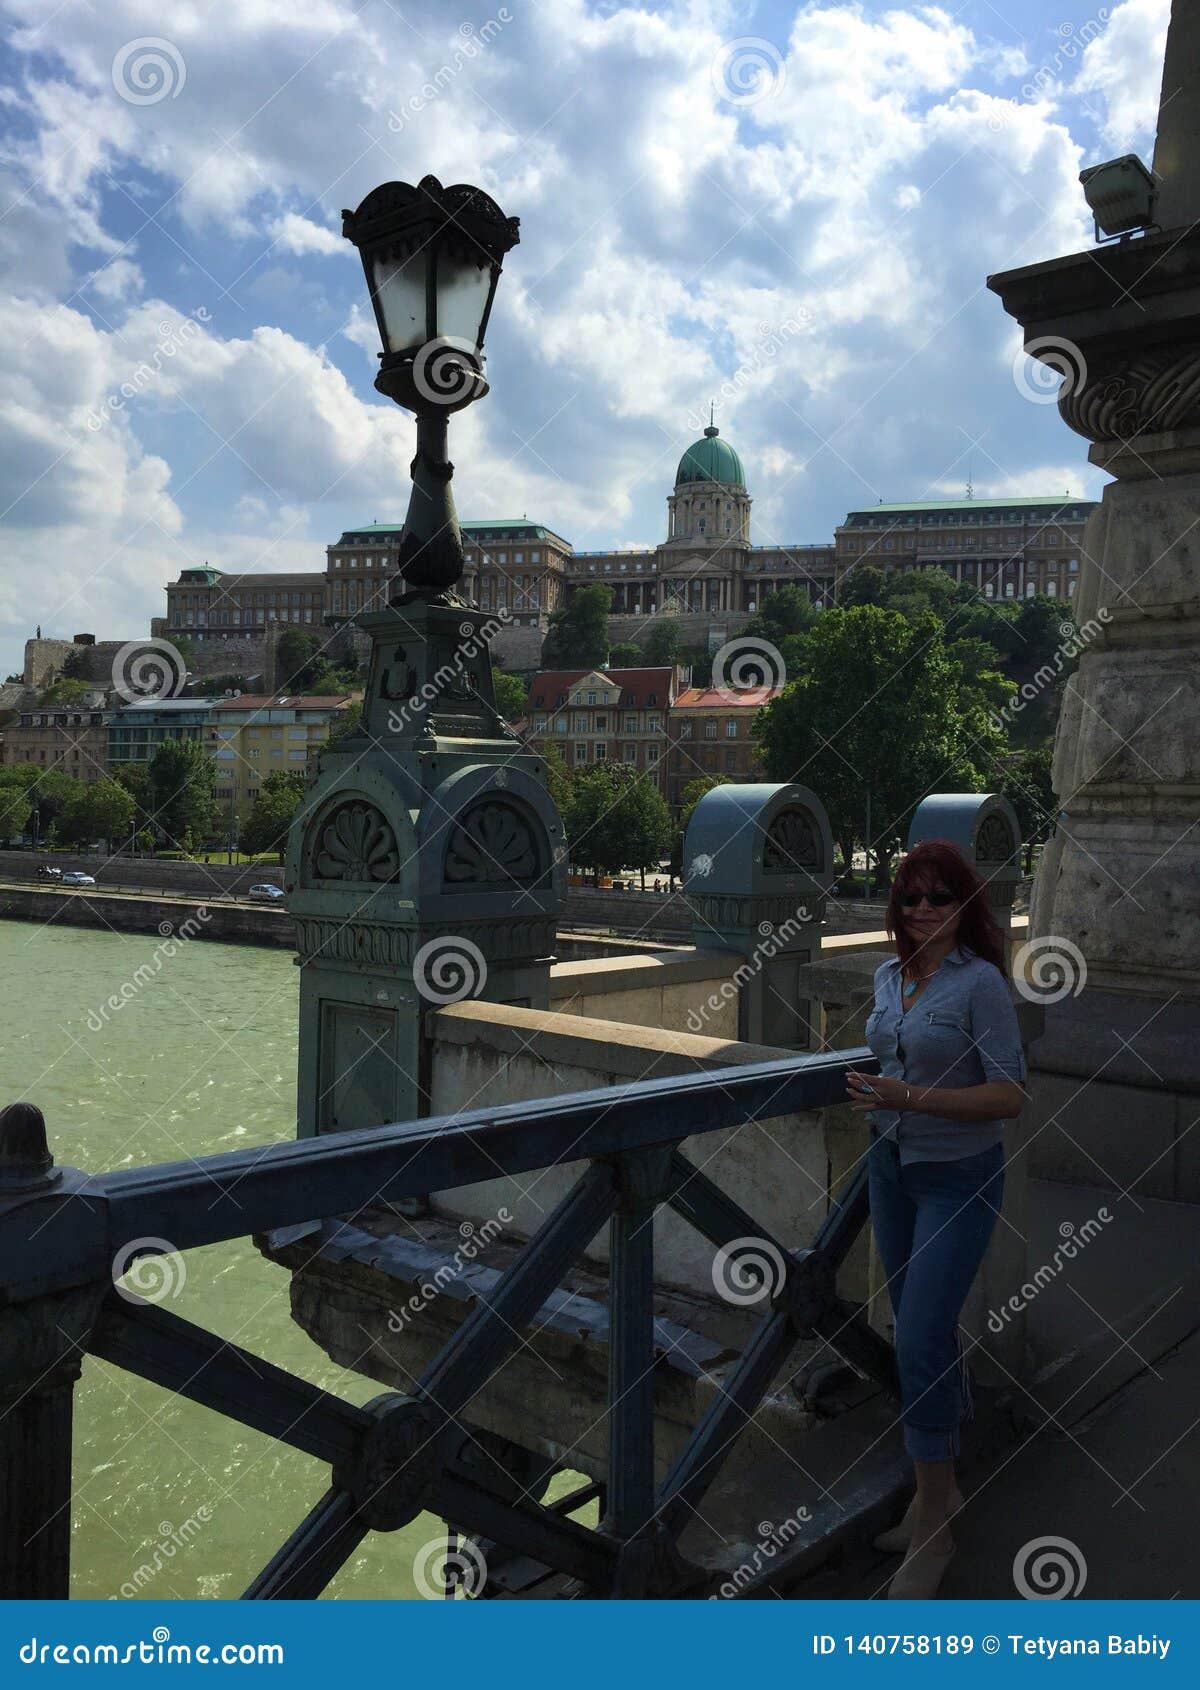 Le pont à chaînes de Széchenyi - Budapest, Hongrie